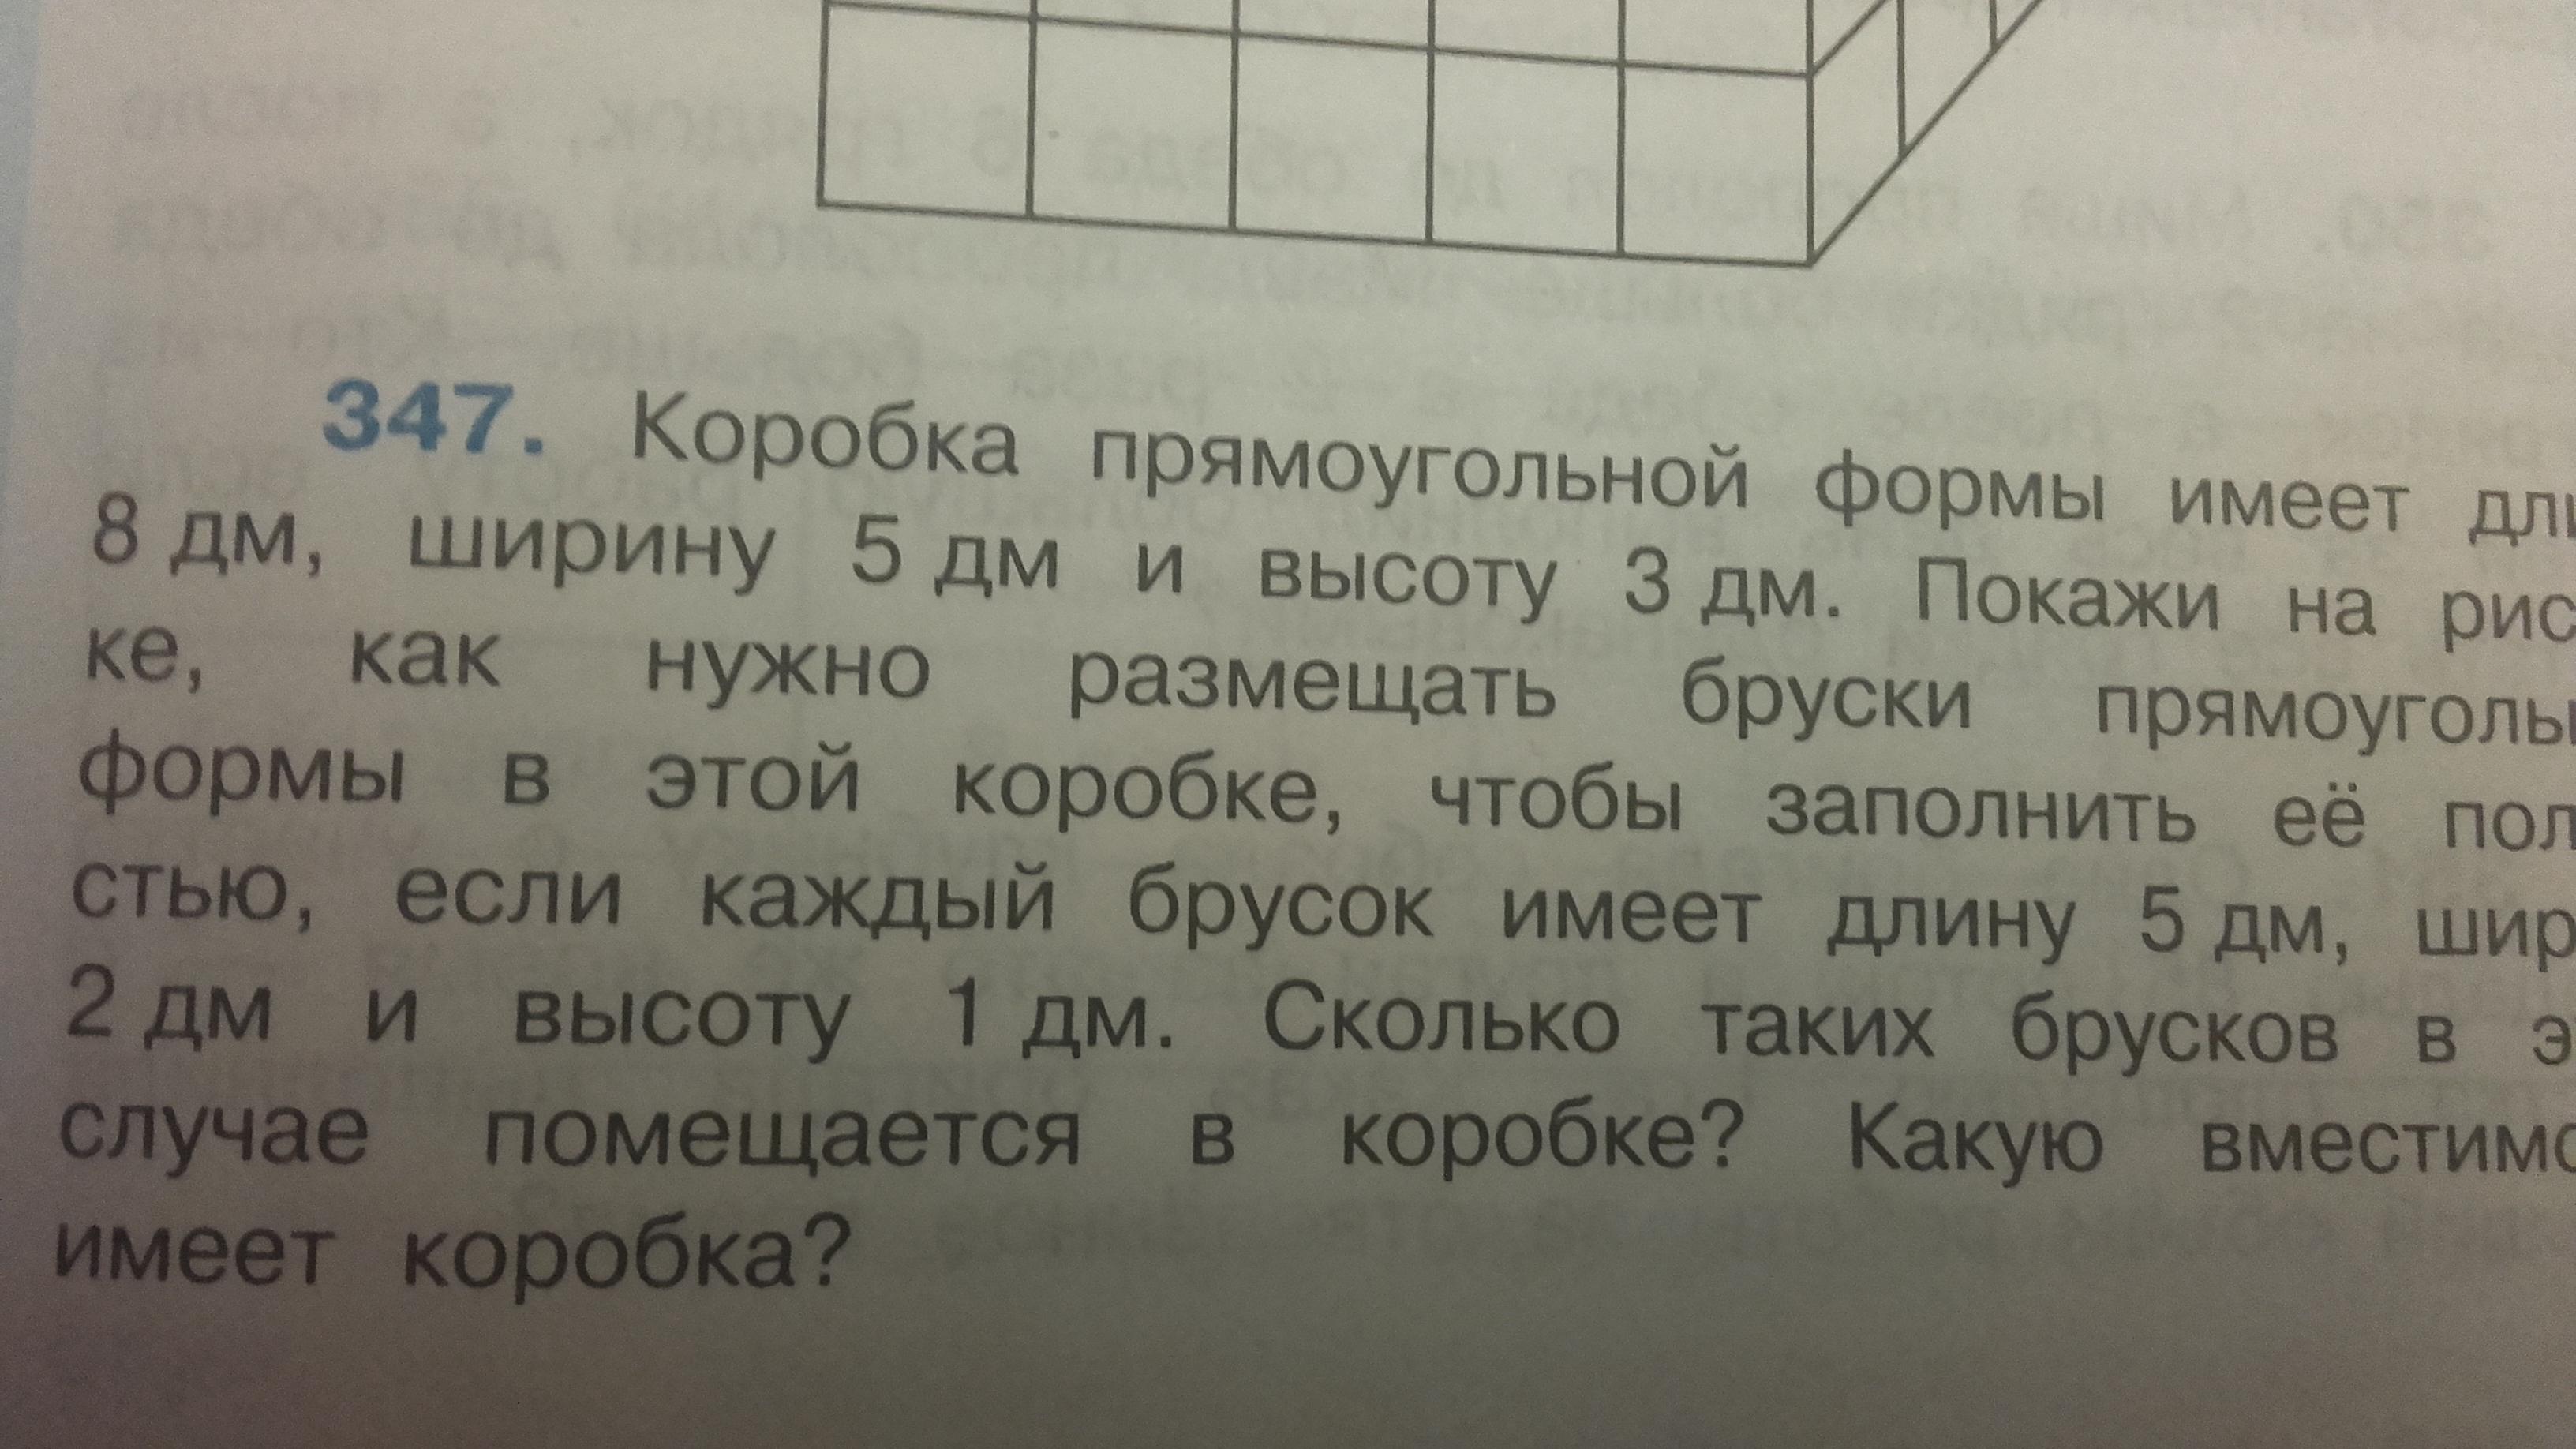 Изображение к вопросу Помогите с математикой пожалуйста